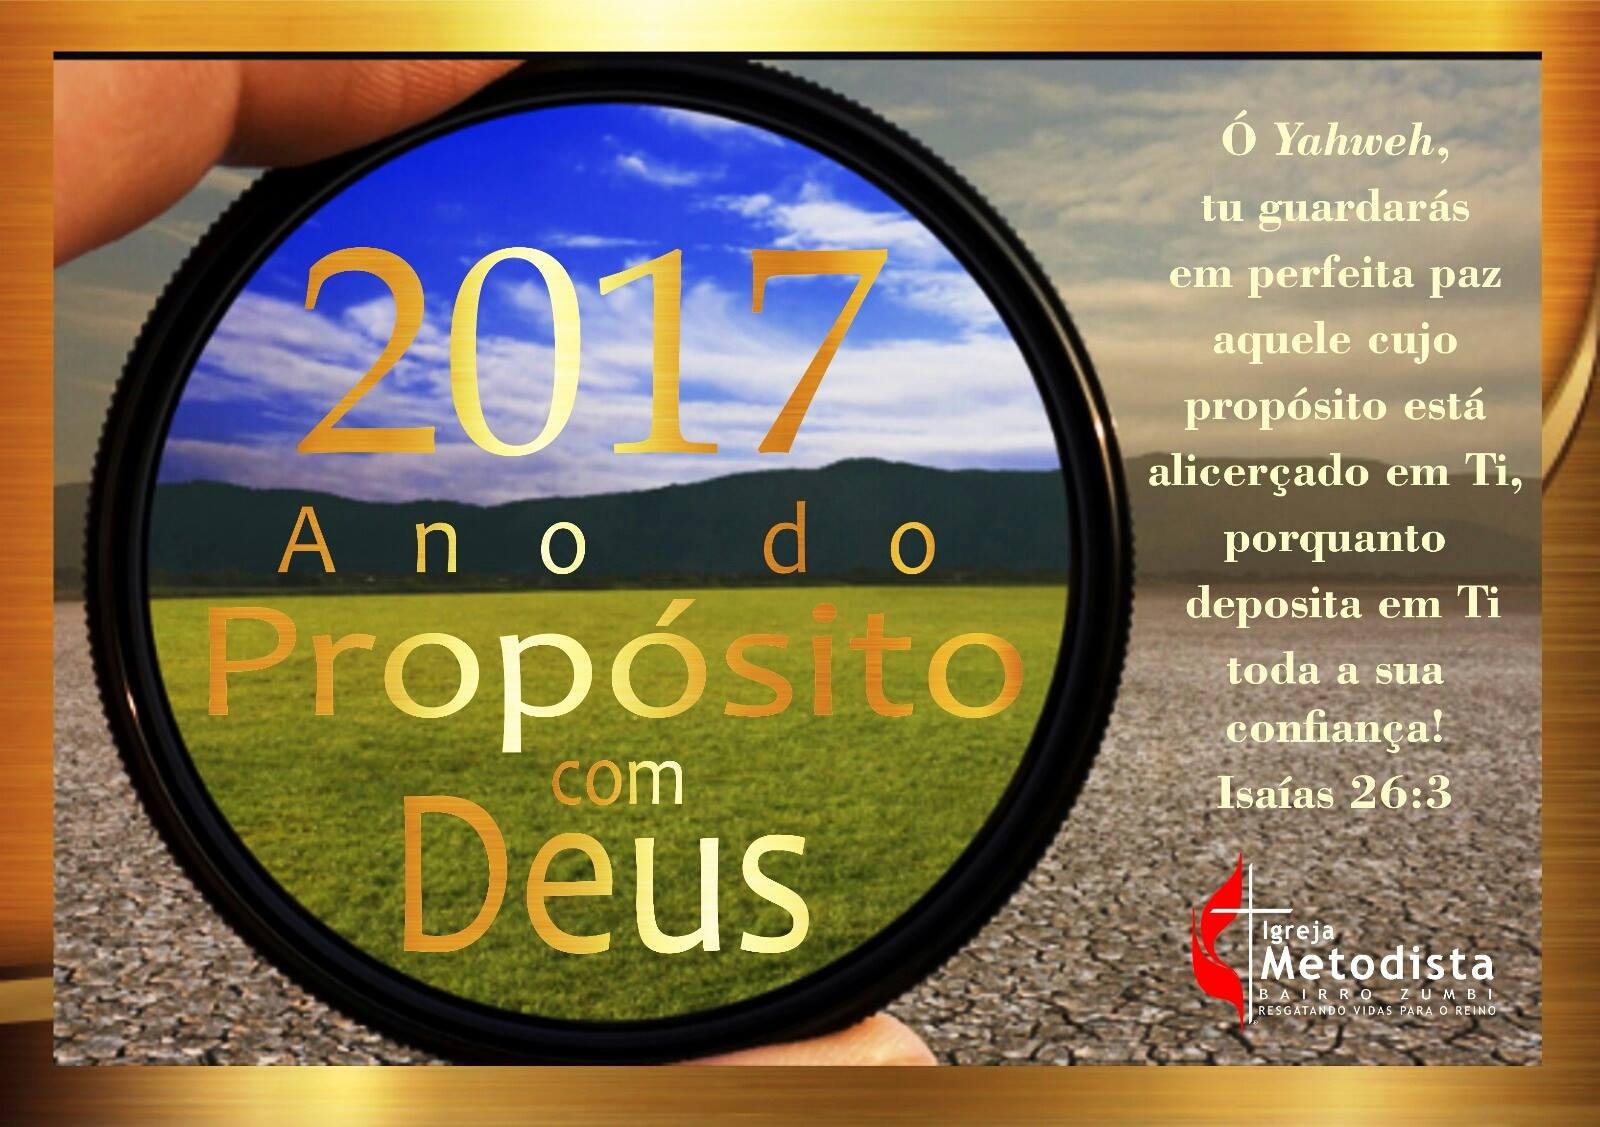 2017 Ano do Propósito com Deus